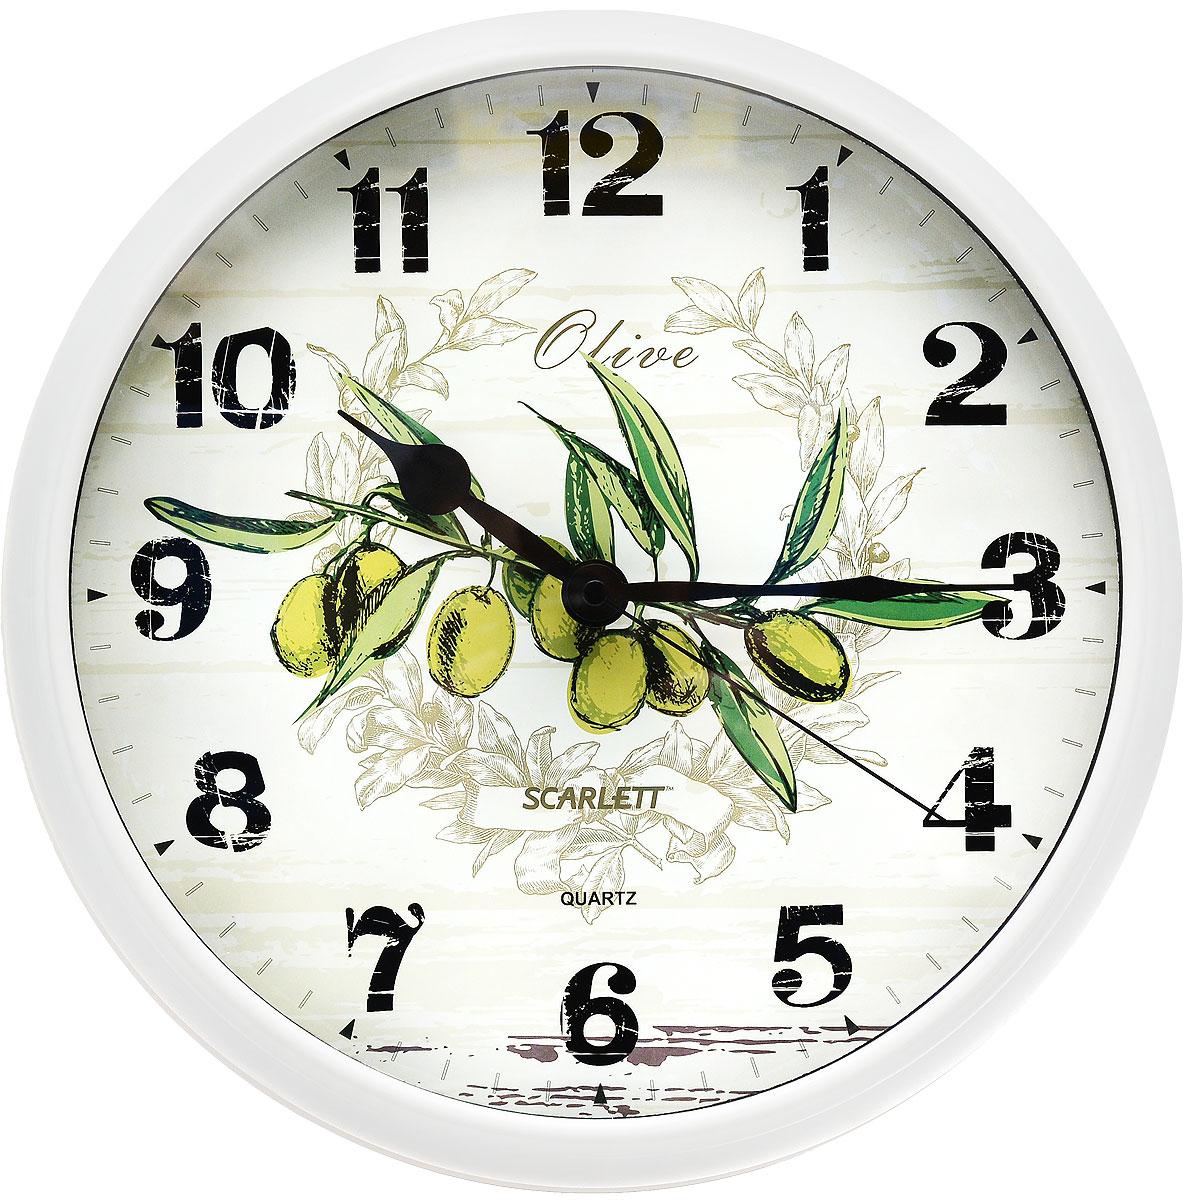 """Настенные кварцевые часы """"Scarlett"""" в классическом дизайне,  изготовленные из пластика, прекрасно впишутся в интерьер  вашей кухни. Круглые часы имеют три стрелки: часовую,  минутную и секундную, циферблат защищен прозрачным  пластиком.  Часы работают от 1 батарейки типа АА напряжением 1,5 В  (батарейка в комплект не входит).   Диаметр часов: 31 см."""